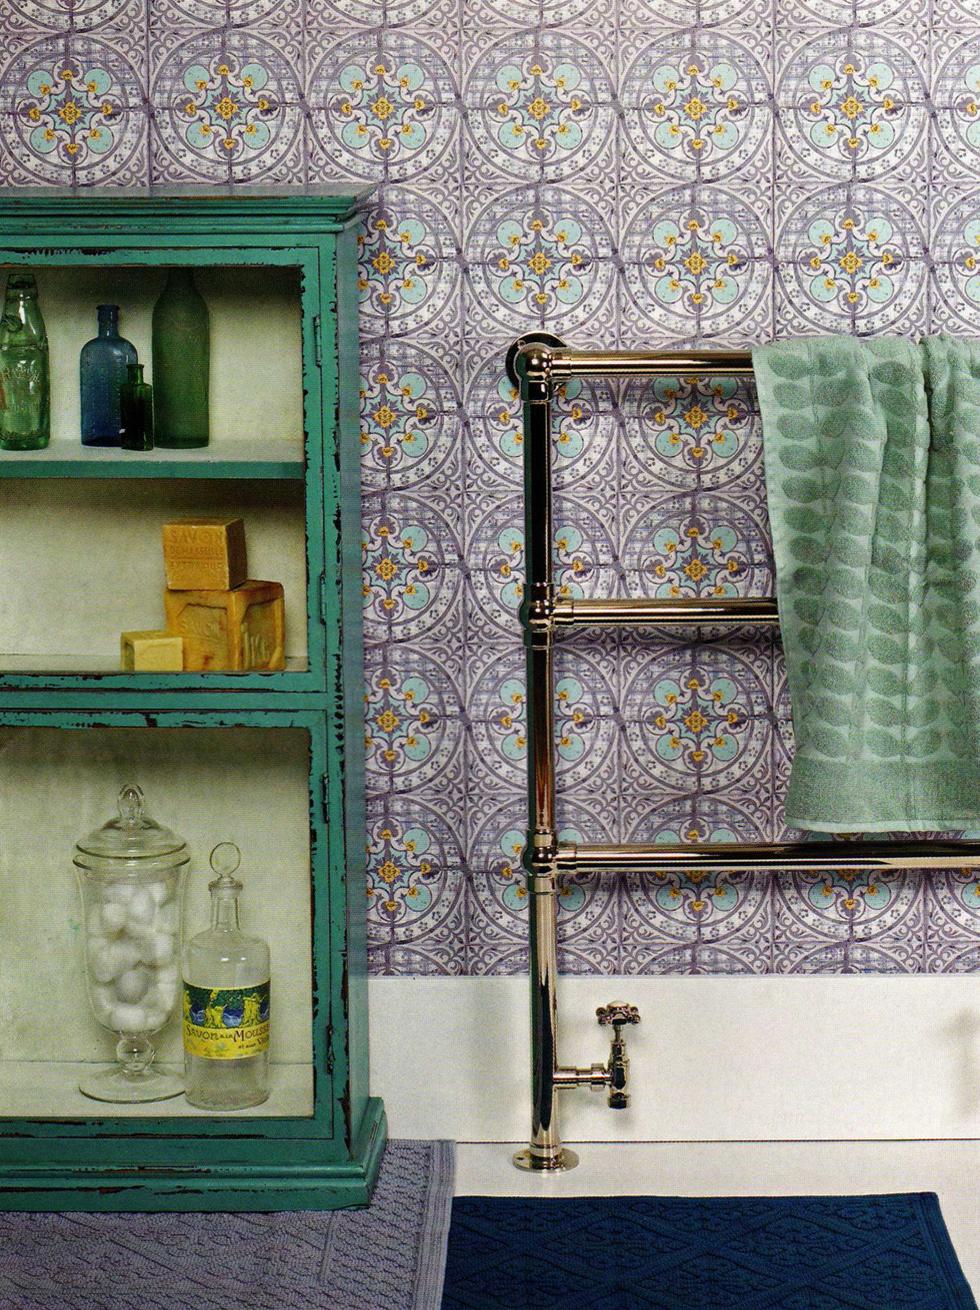 Sélection de papiers-peints en trompe-l'œil || Papiers-peints Louise Body - collection Paper tiles